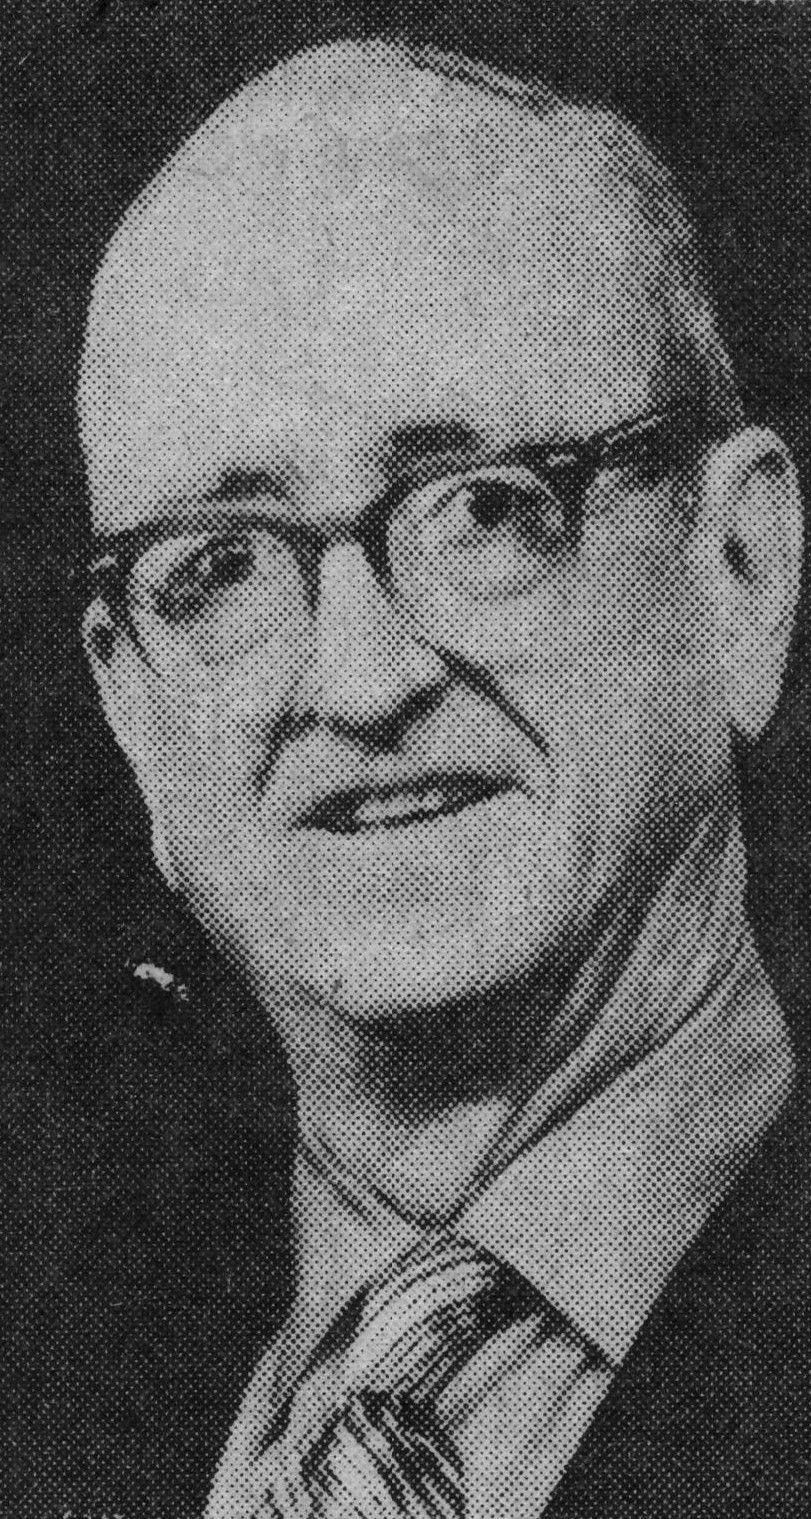 Eugene F. Kelly